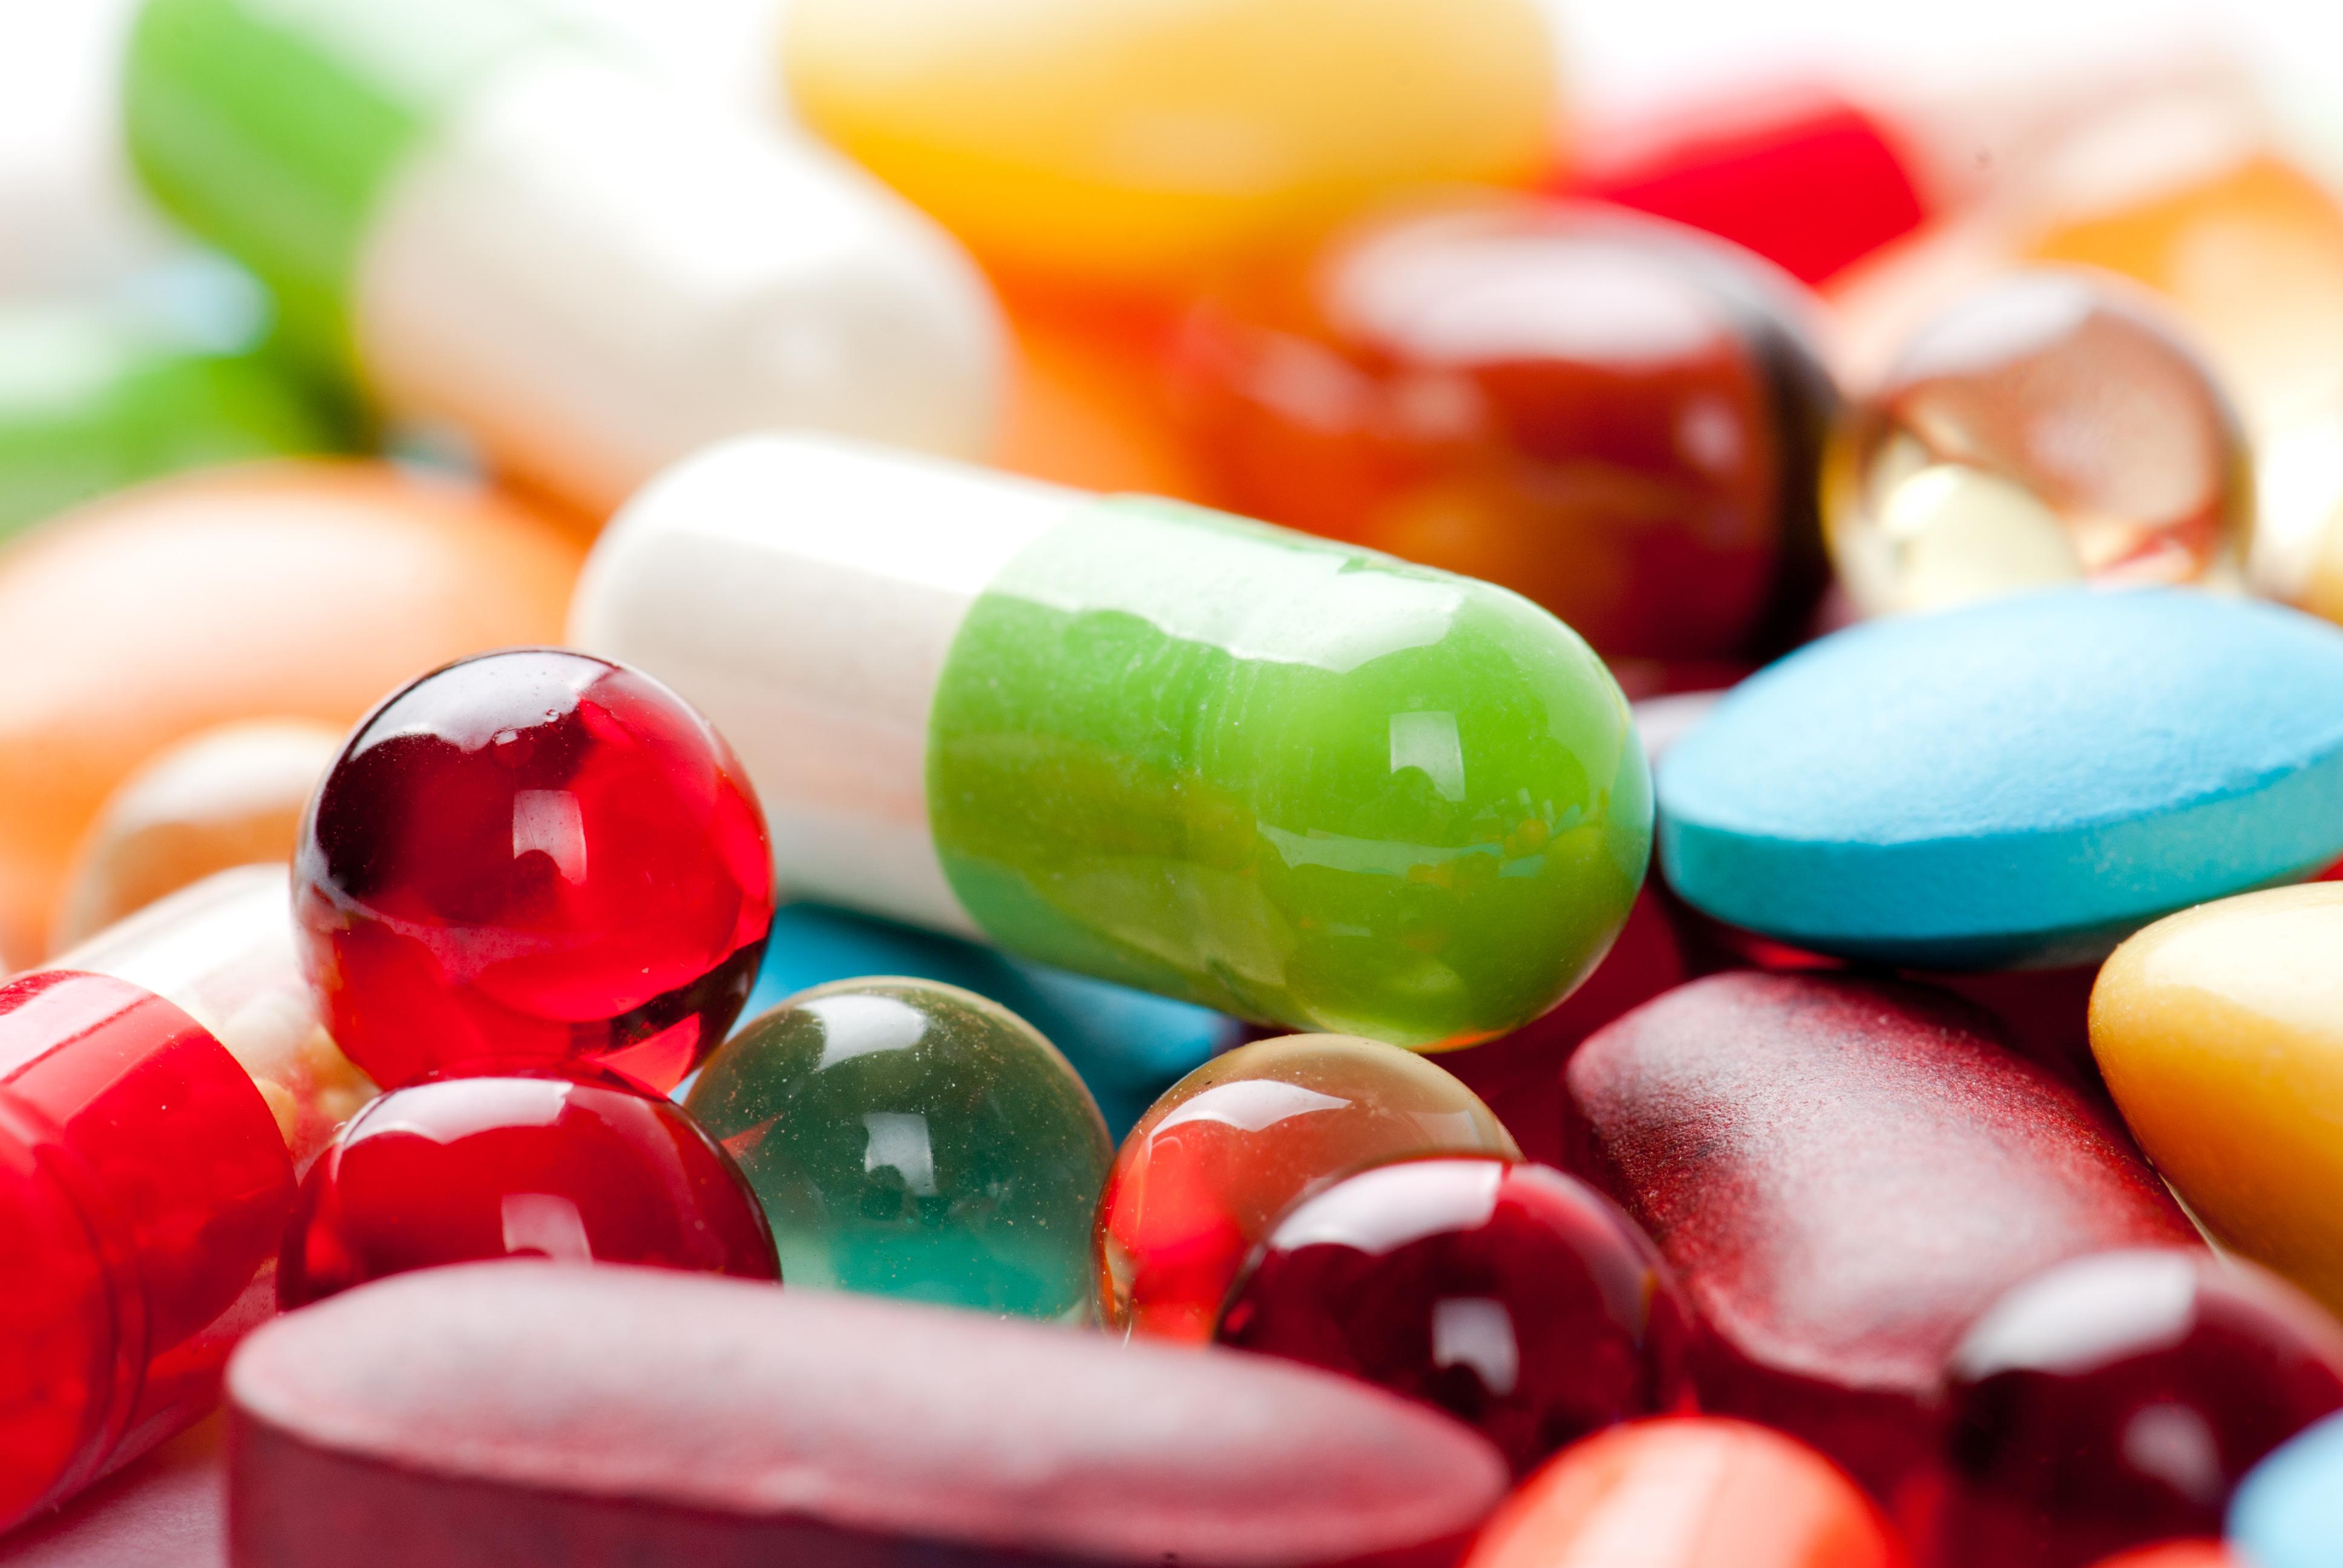 Vid sällsynta diagnoser krävs ofta behandling med kostsamma läkemedel.